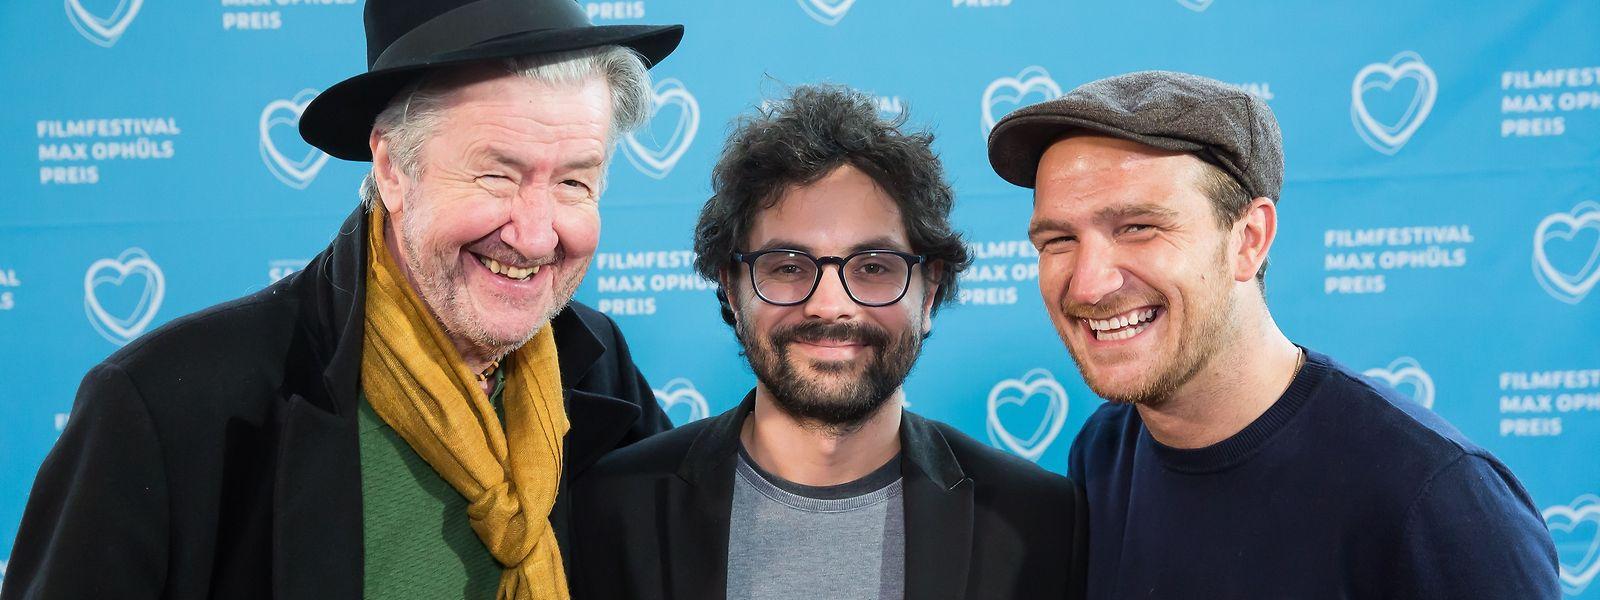 """""""Gutland""""-Regisseur Govinda van Maele (M.) reiste unter anderem mit seinen Darstellern Frederick Lau (r.) und Marco Lorenzini nach Saarbrücken an."""